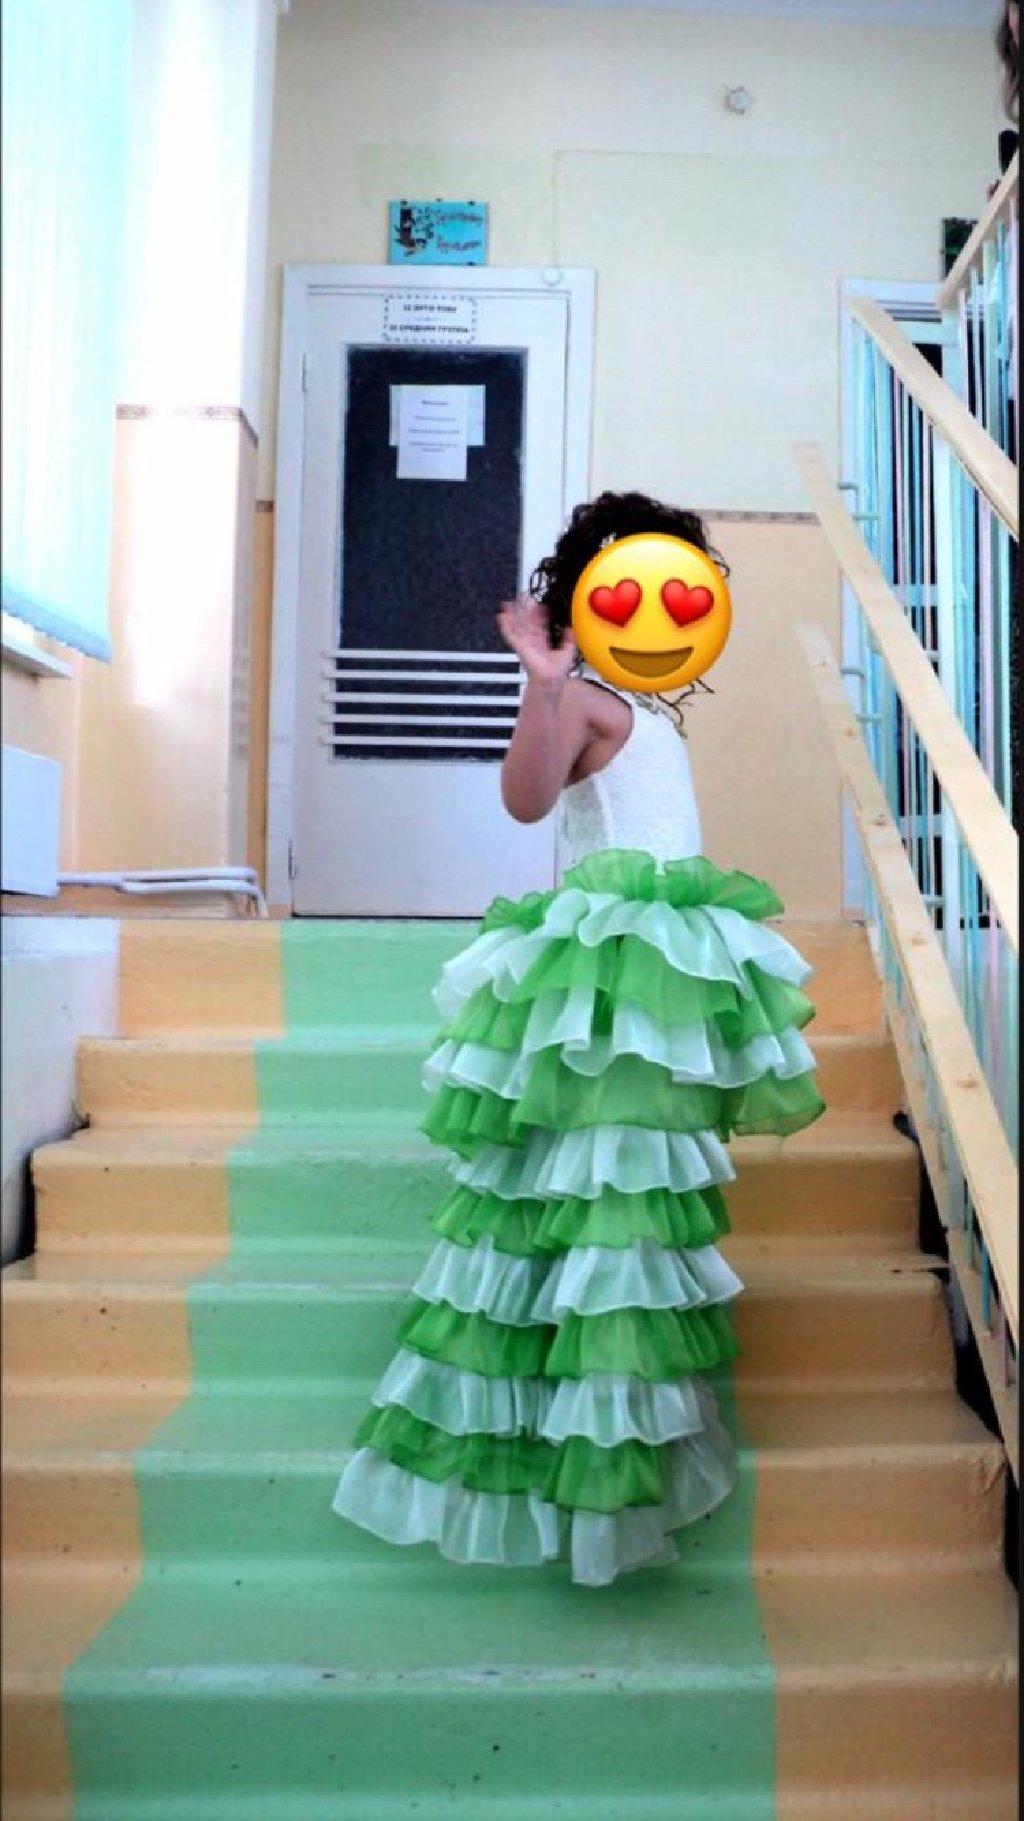 Шикарное платье со съемным шлейфом. Шили на заказ. На 6-8 лет. 800 сом: Шикарное платье со съемным шлейфом. Шили на заказ. На 6-8 лет. 800 сом